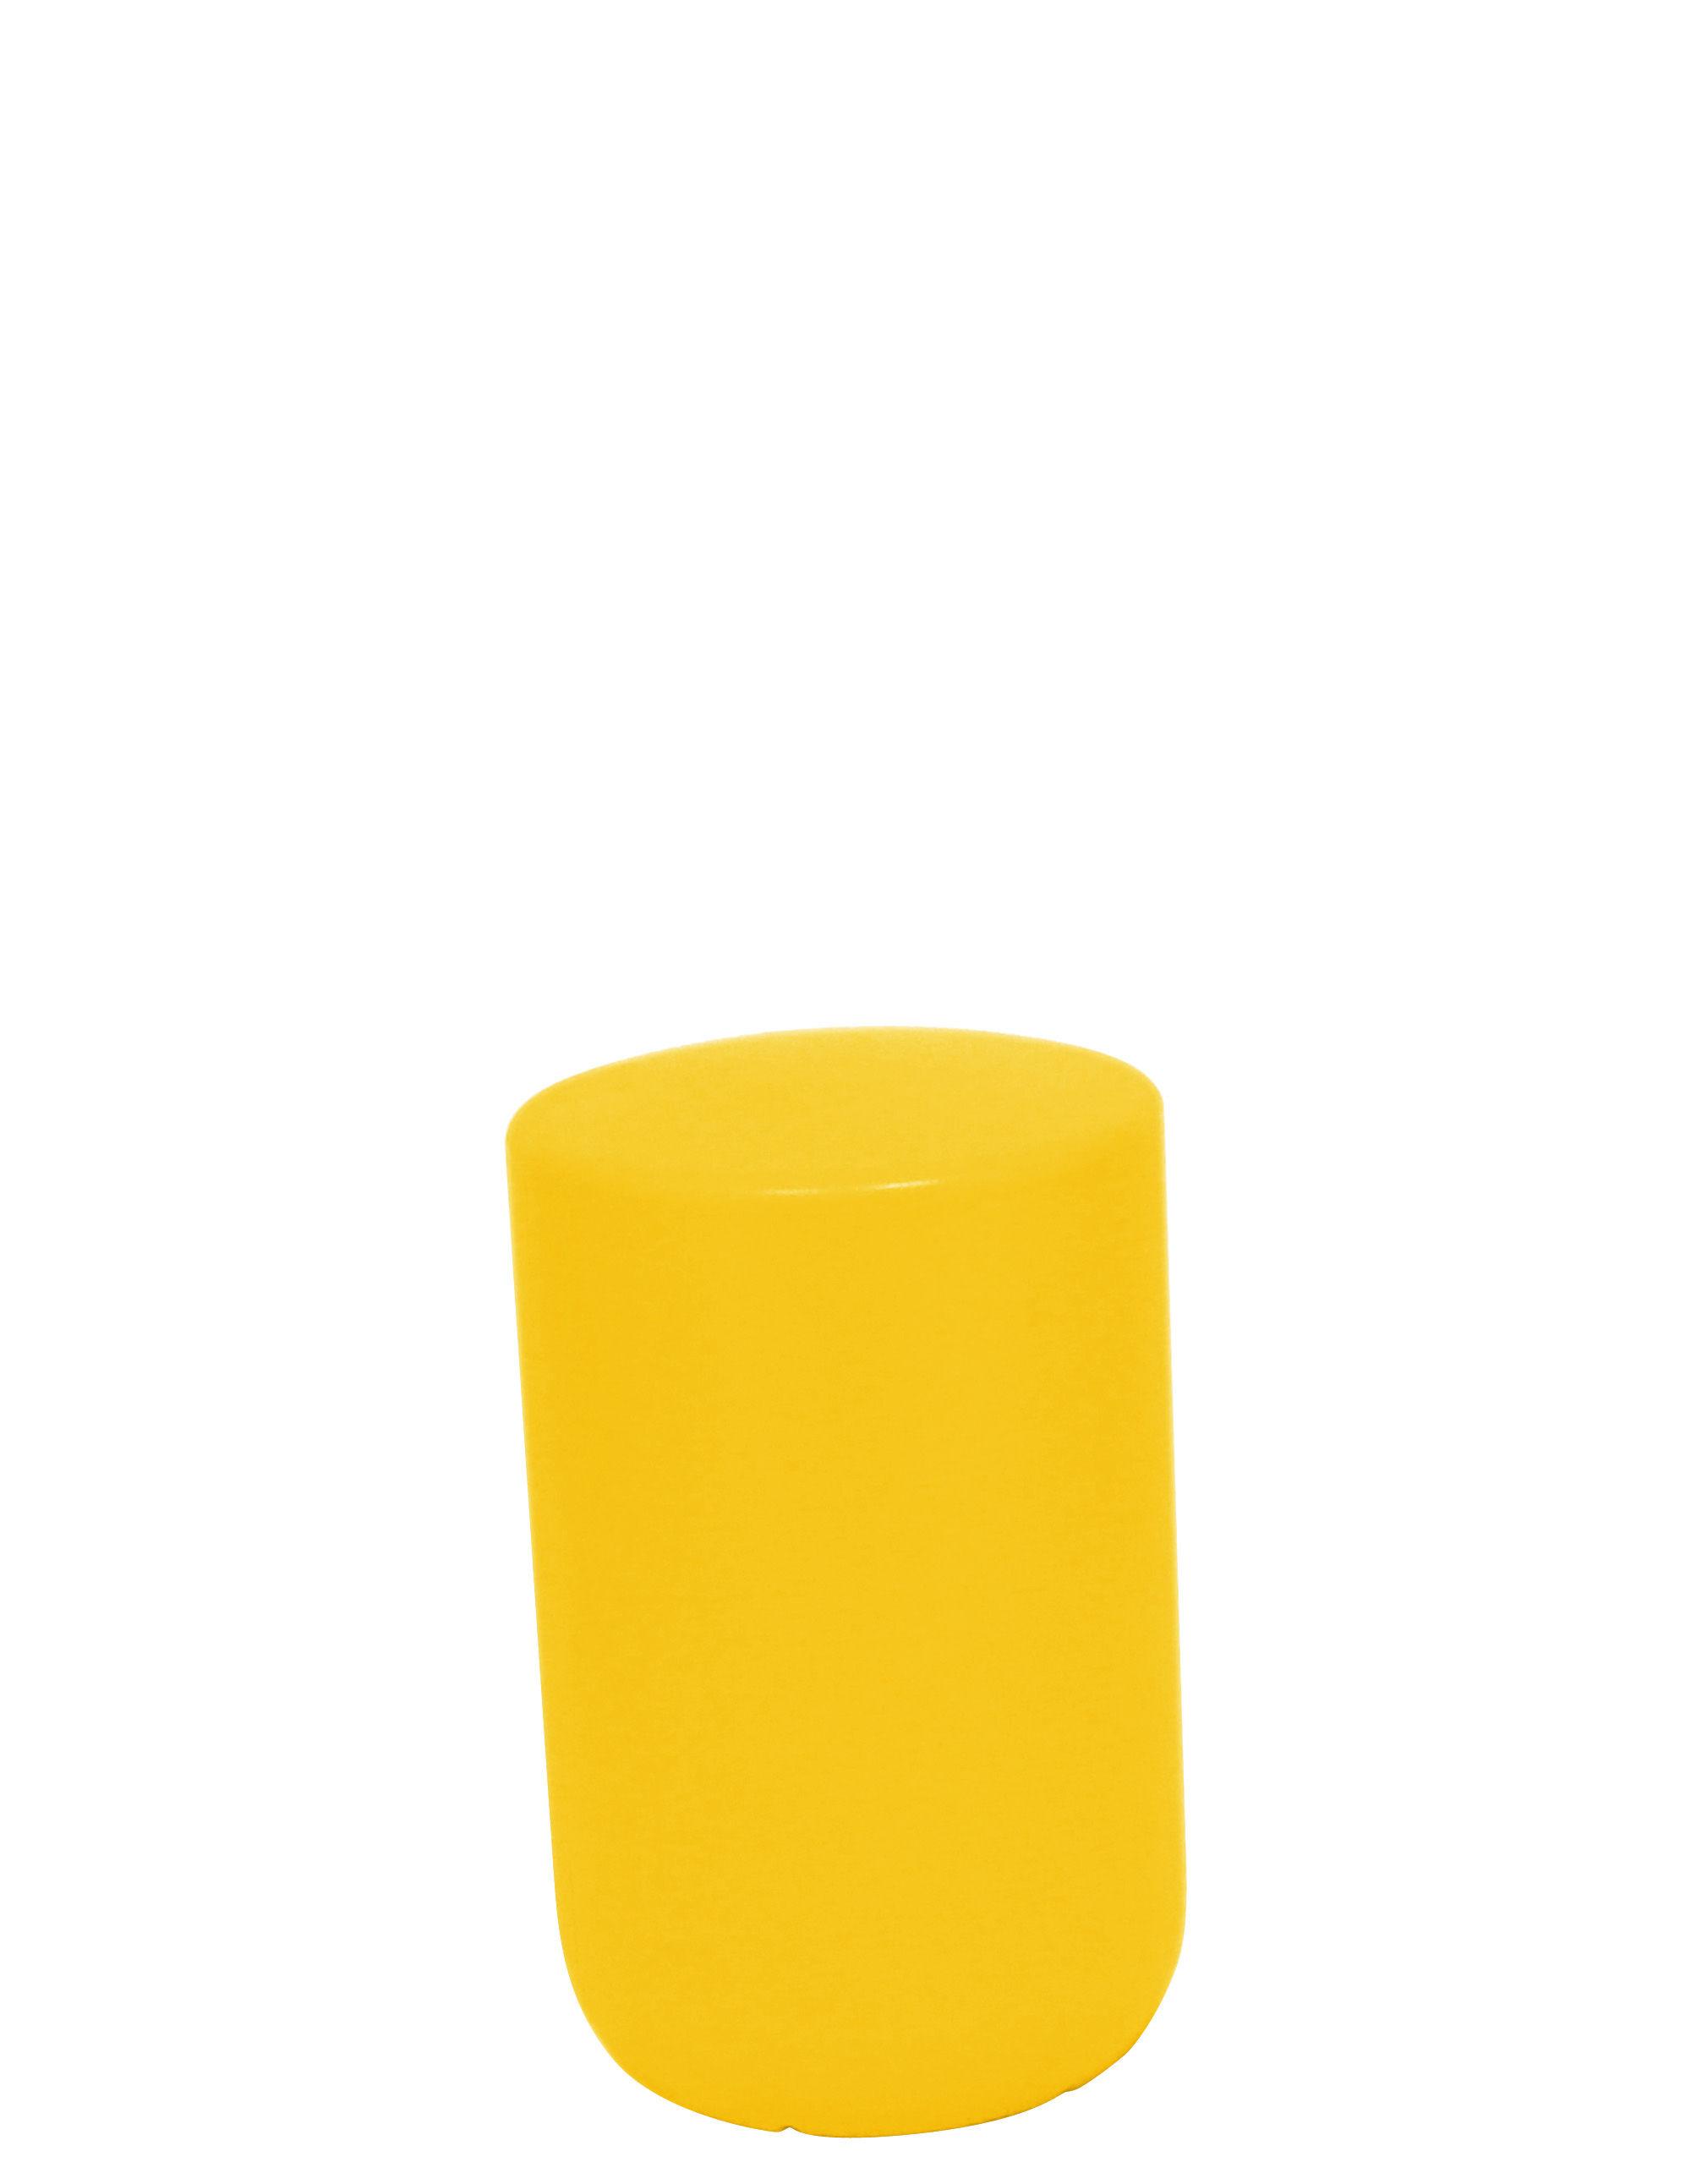 Mobilier - Mobilier Kids - Tabouret enfant Sway / H 34 cm - Thelermont Hupton - Jaune - Polyéthylène